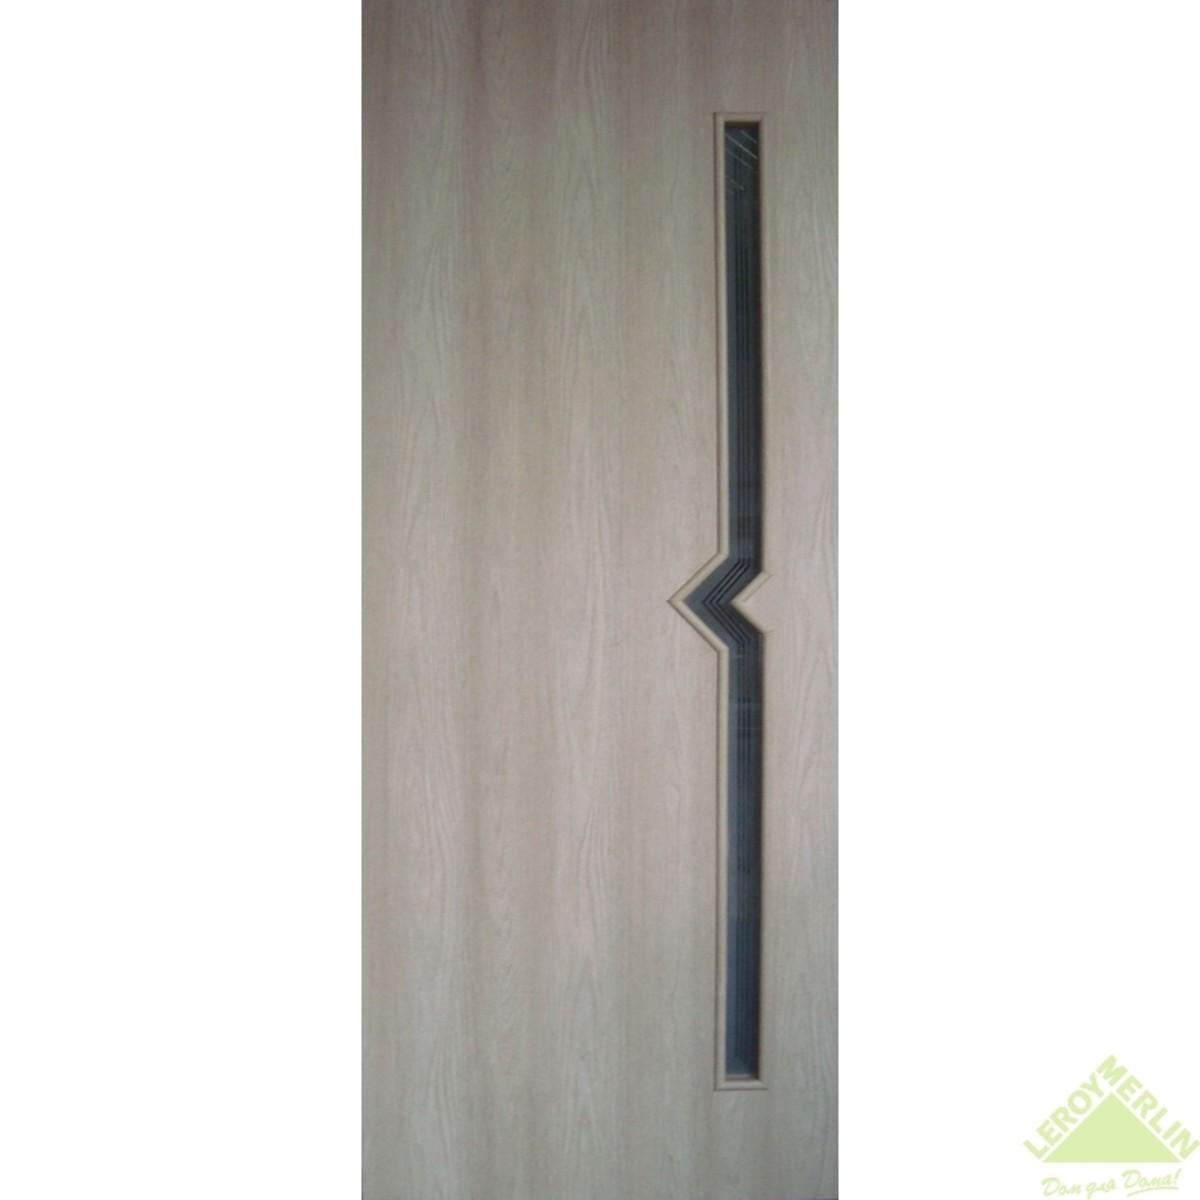 Дверное полотно остеклённое Вега 700x2000 мм ясень с фурнитурой